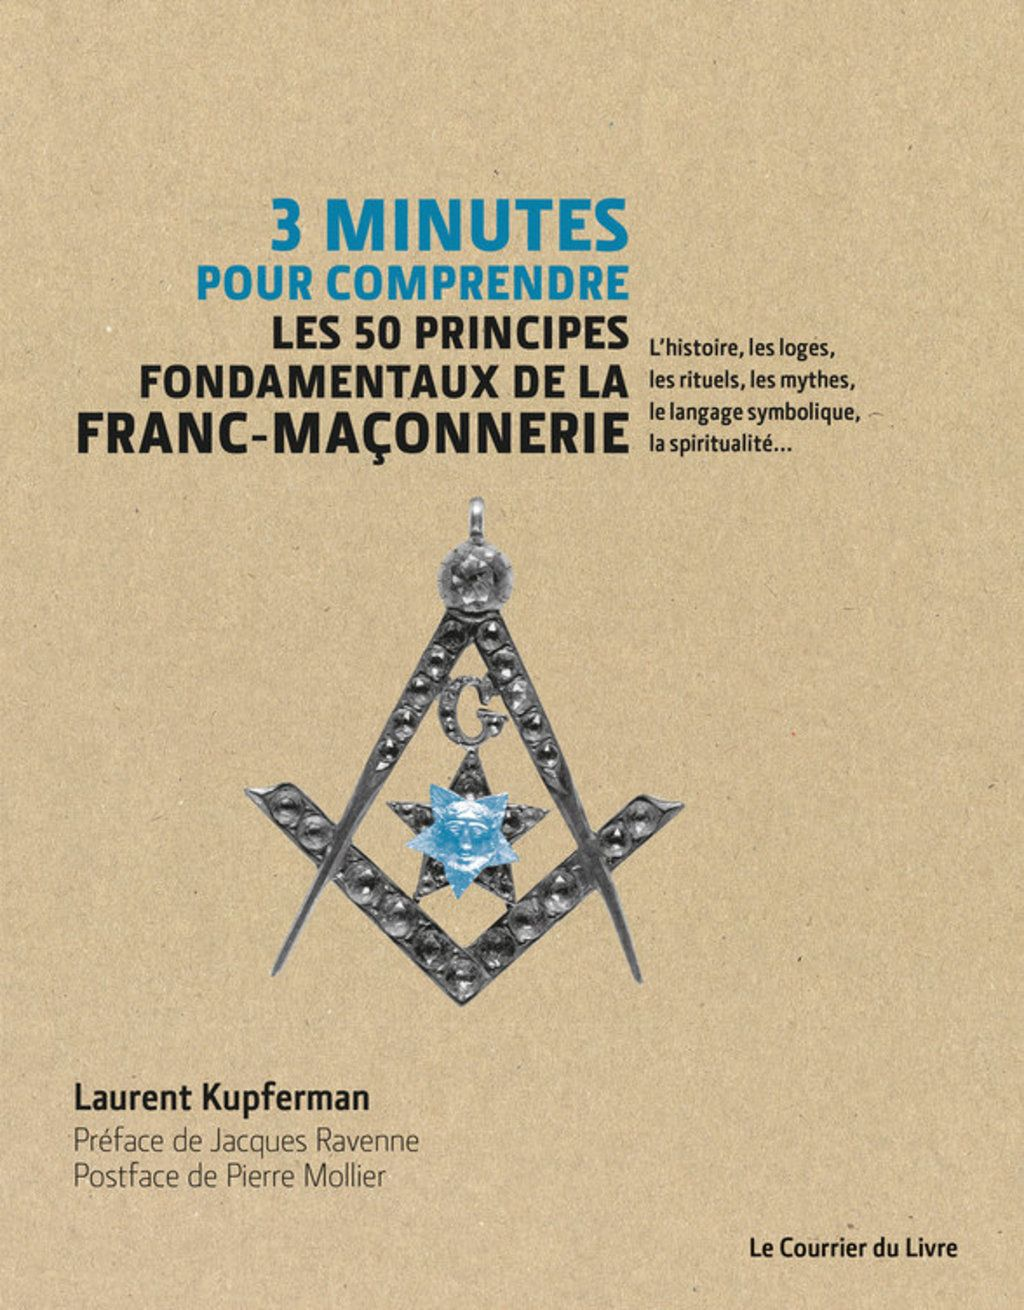 3 Minutes Pour Comprendre Les 50 Principes Fondamentaux De La Franc Maconnerie Ebook Books Reading Children Book Cover